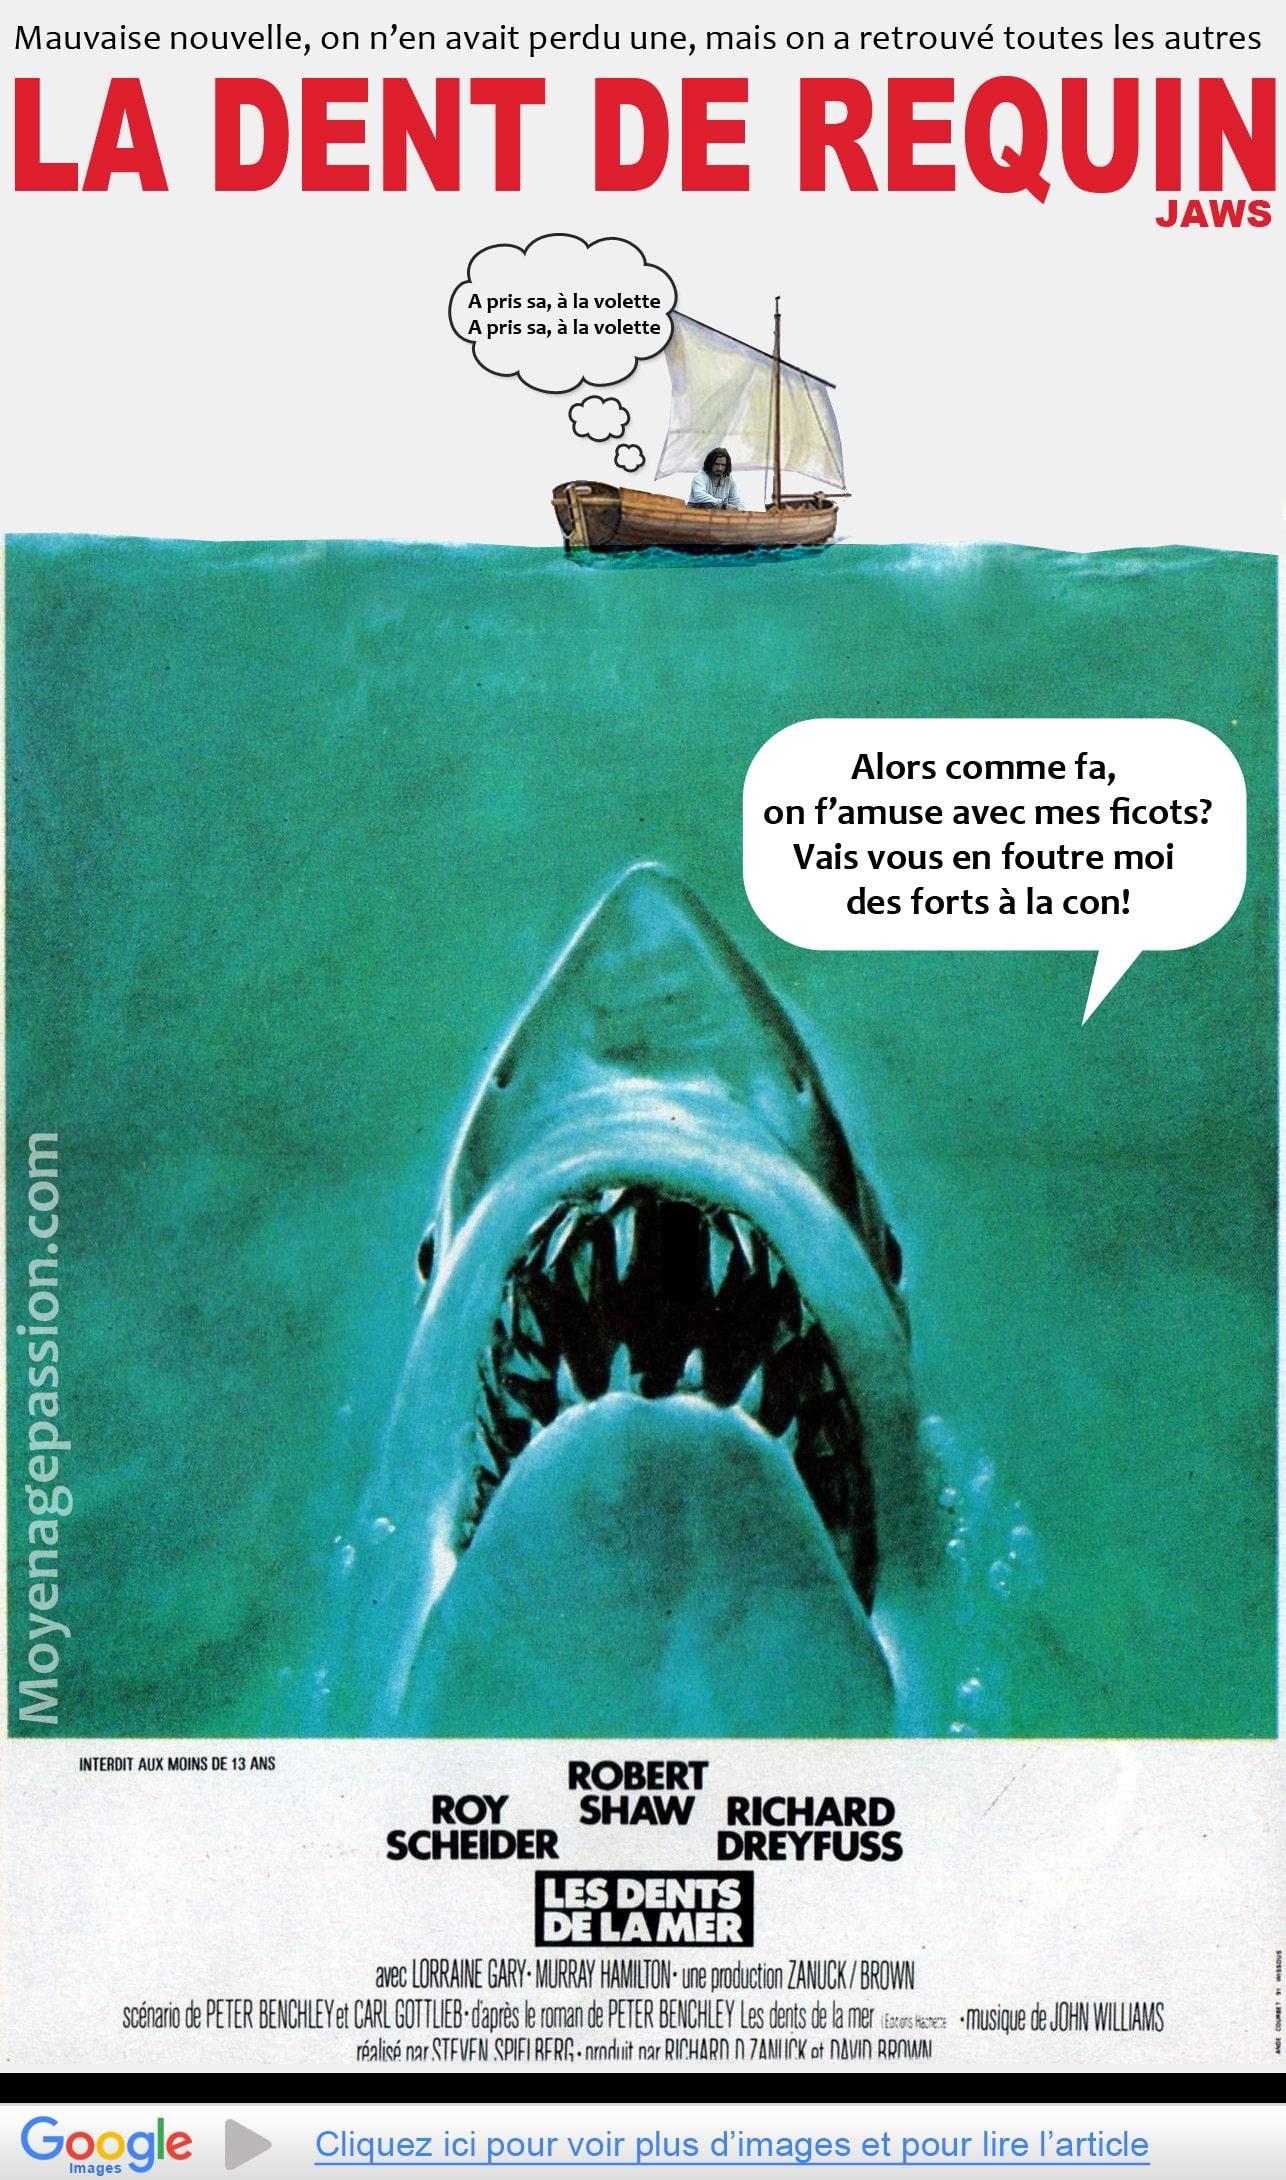 Humour médiéval, détournement affiche cinéma Kaamelott trilogie